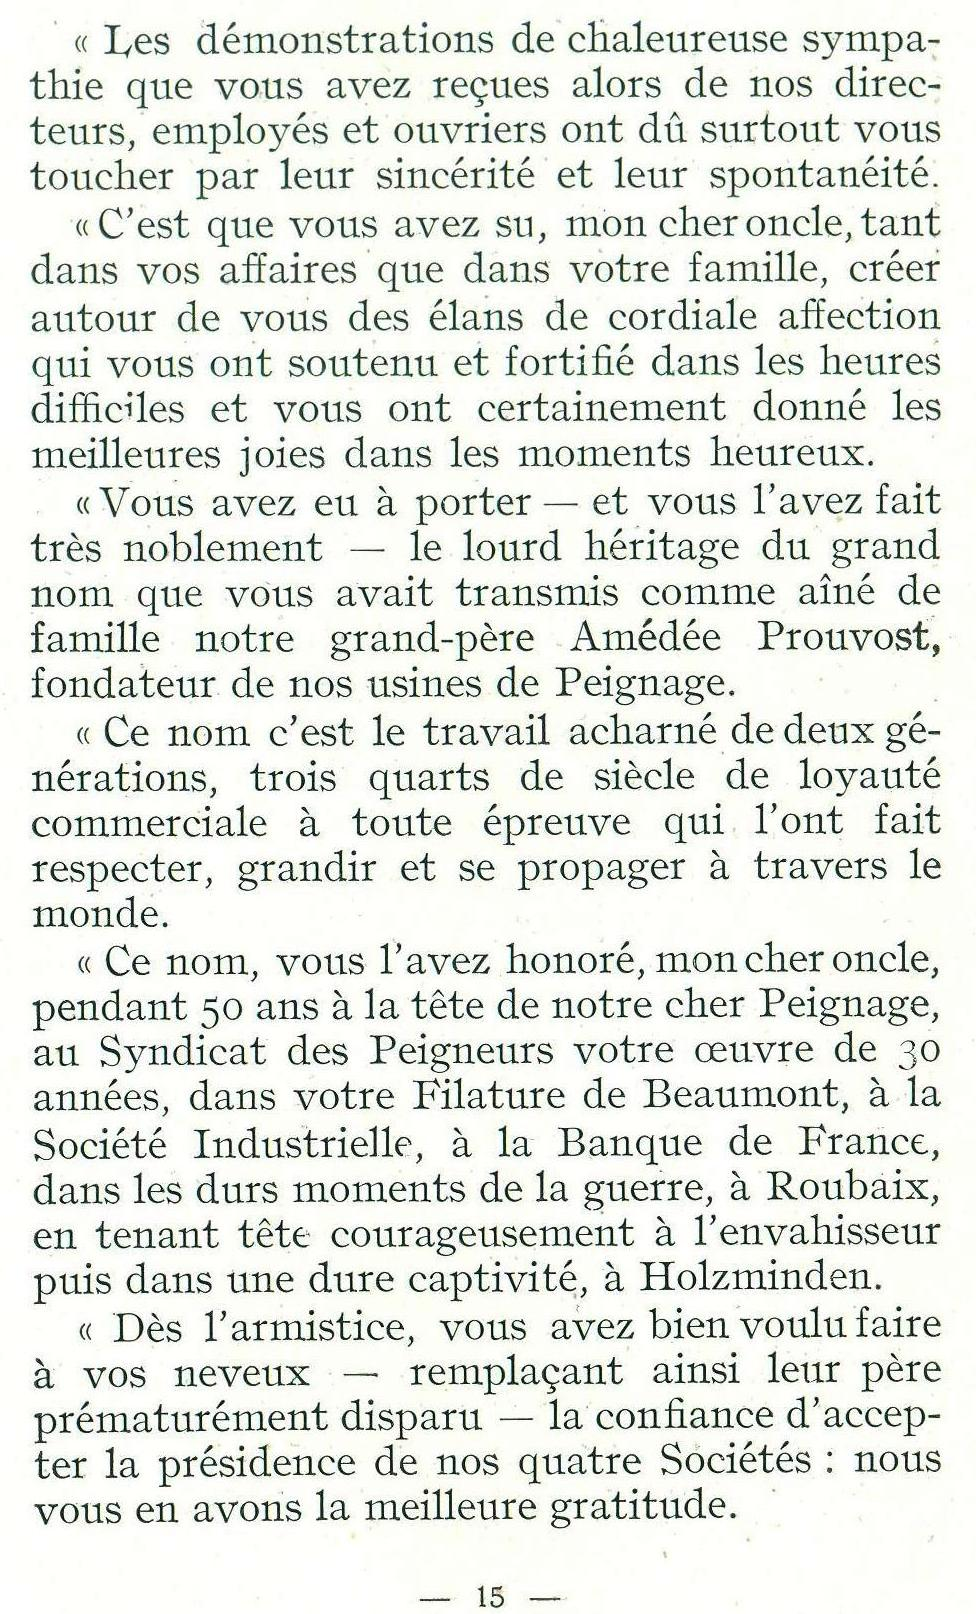 Prouvost-Benat-1875-1925-Jubile-Amedee-Marie-Prouvost-Benat